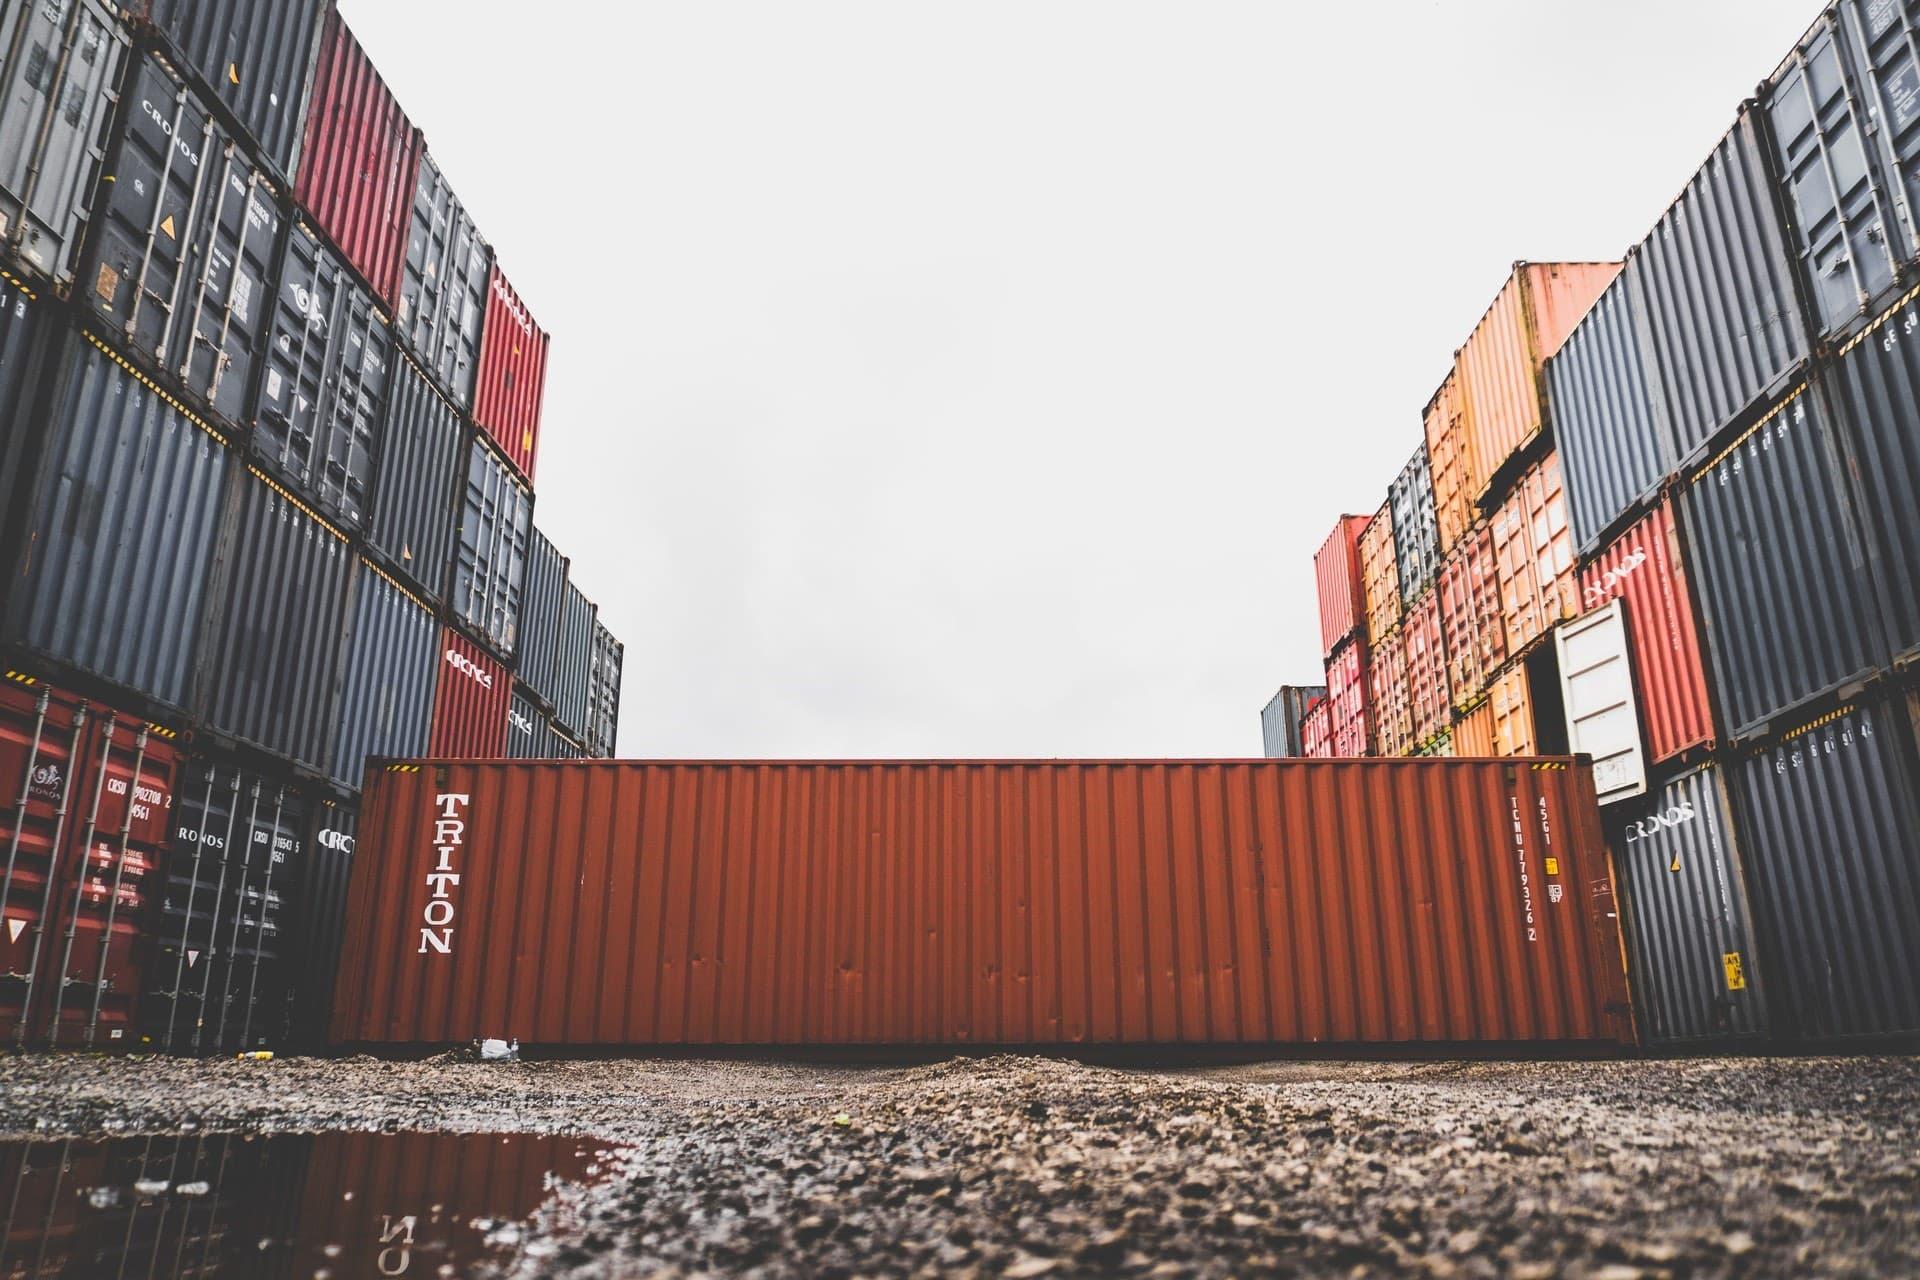 Sichere Ausfuhrmodelle mit einer guten Exportfinanzierung